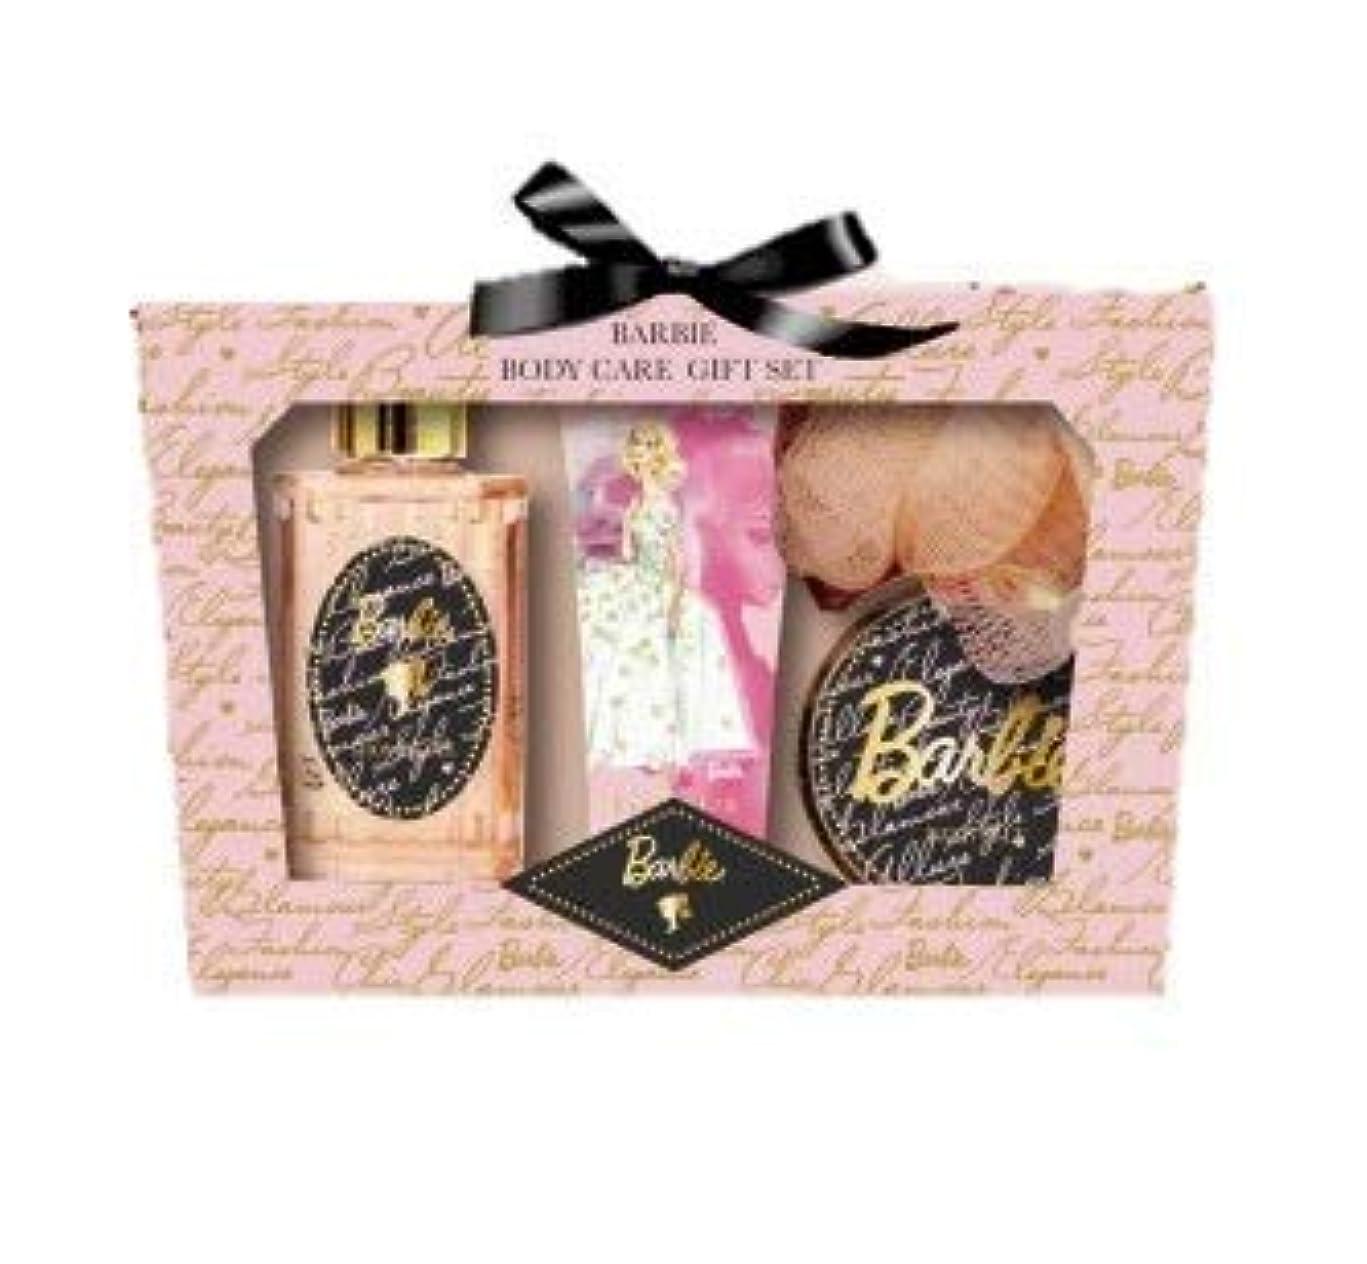 競争冒険家周辺ヒューマンリンク Barbie (バービー) ボディケア ギフトセット (ローズ&ピオニーの香り) プレゼント [ハンドクリーム/シャワージェル/バスソルト/スポンジ] 入浴剤 バススポンジ ボディソープ